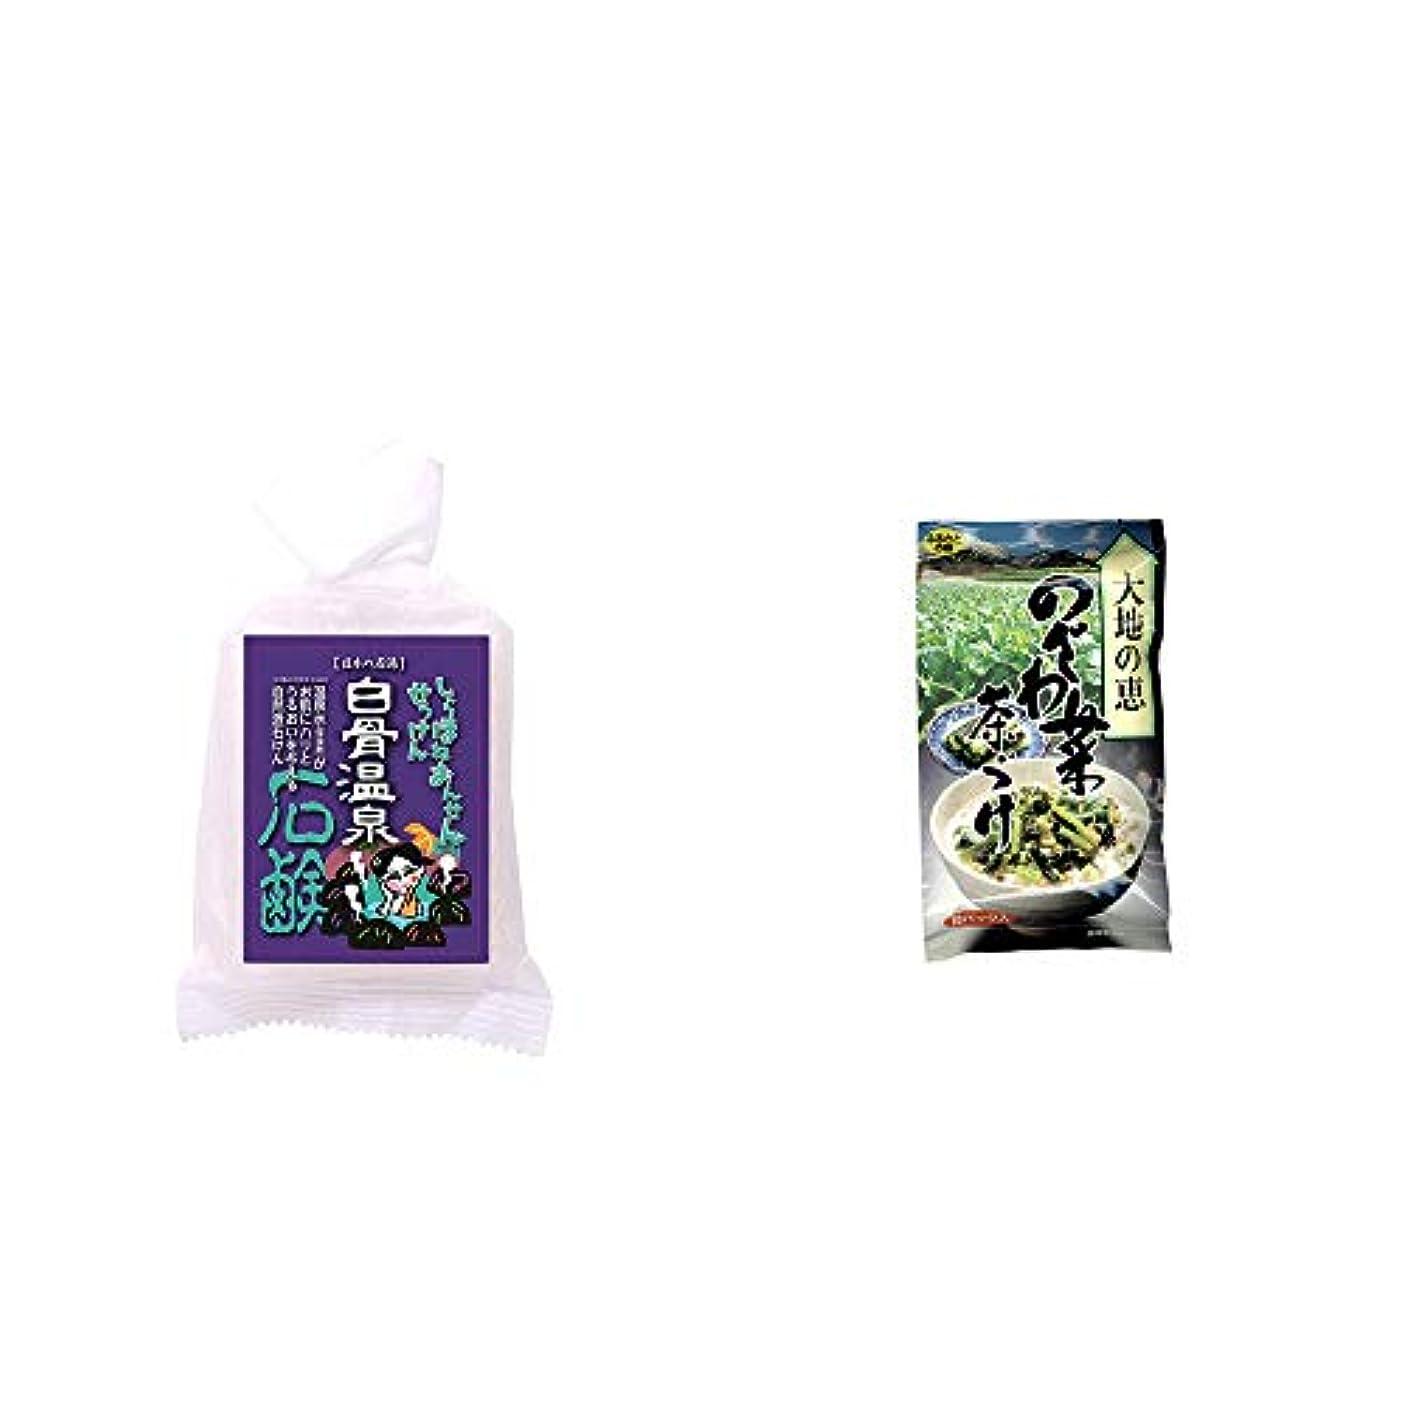 つぶやきシャッターメンダシティ[2点セット] 信州 白骨温泉石鹸(80g)?特選茶漬け 大地の恵 のざわ菜茶づけ(10袋入)